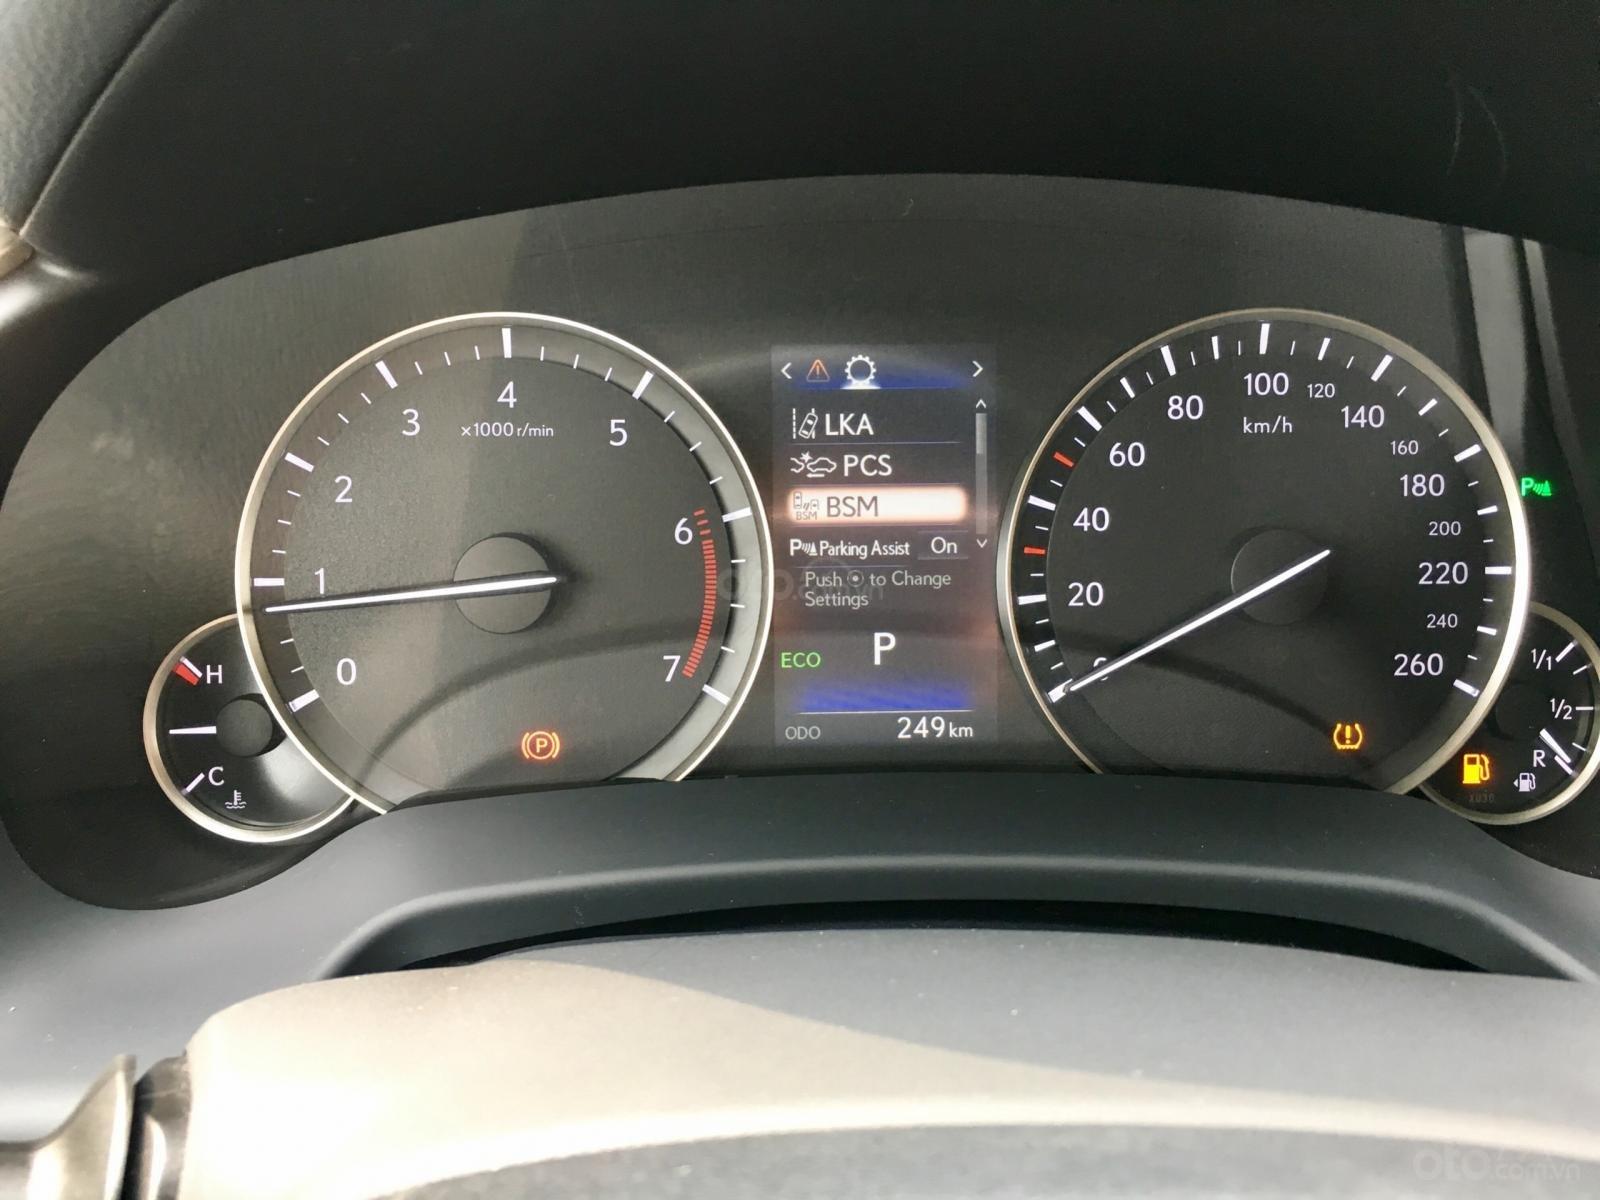 MT Auto bán xe Lexus RX 200t sx 2016, màu đỏ mới 100% giá cực rẻ, hỗ trợ 2 tỷ, LH em Hương 0945392468-16